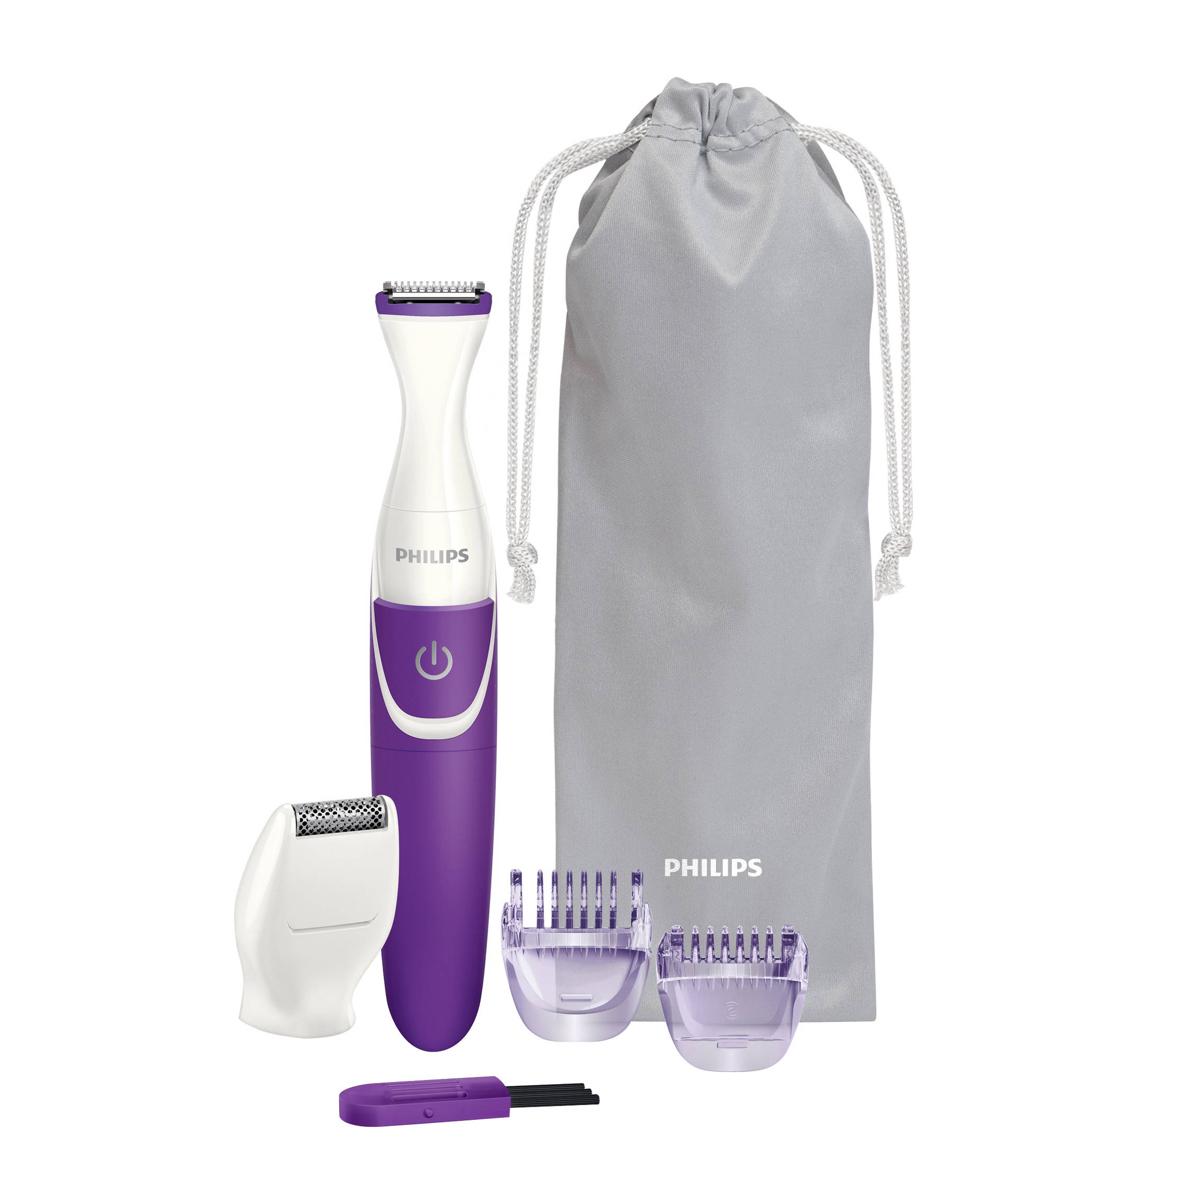 Philips ladyshave with bikini trimmer